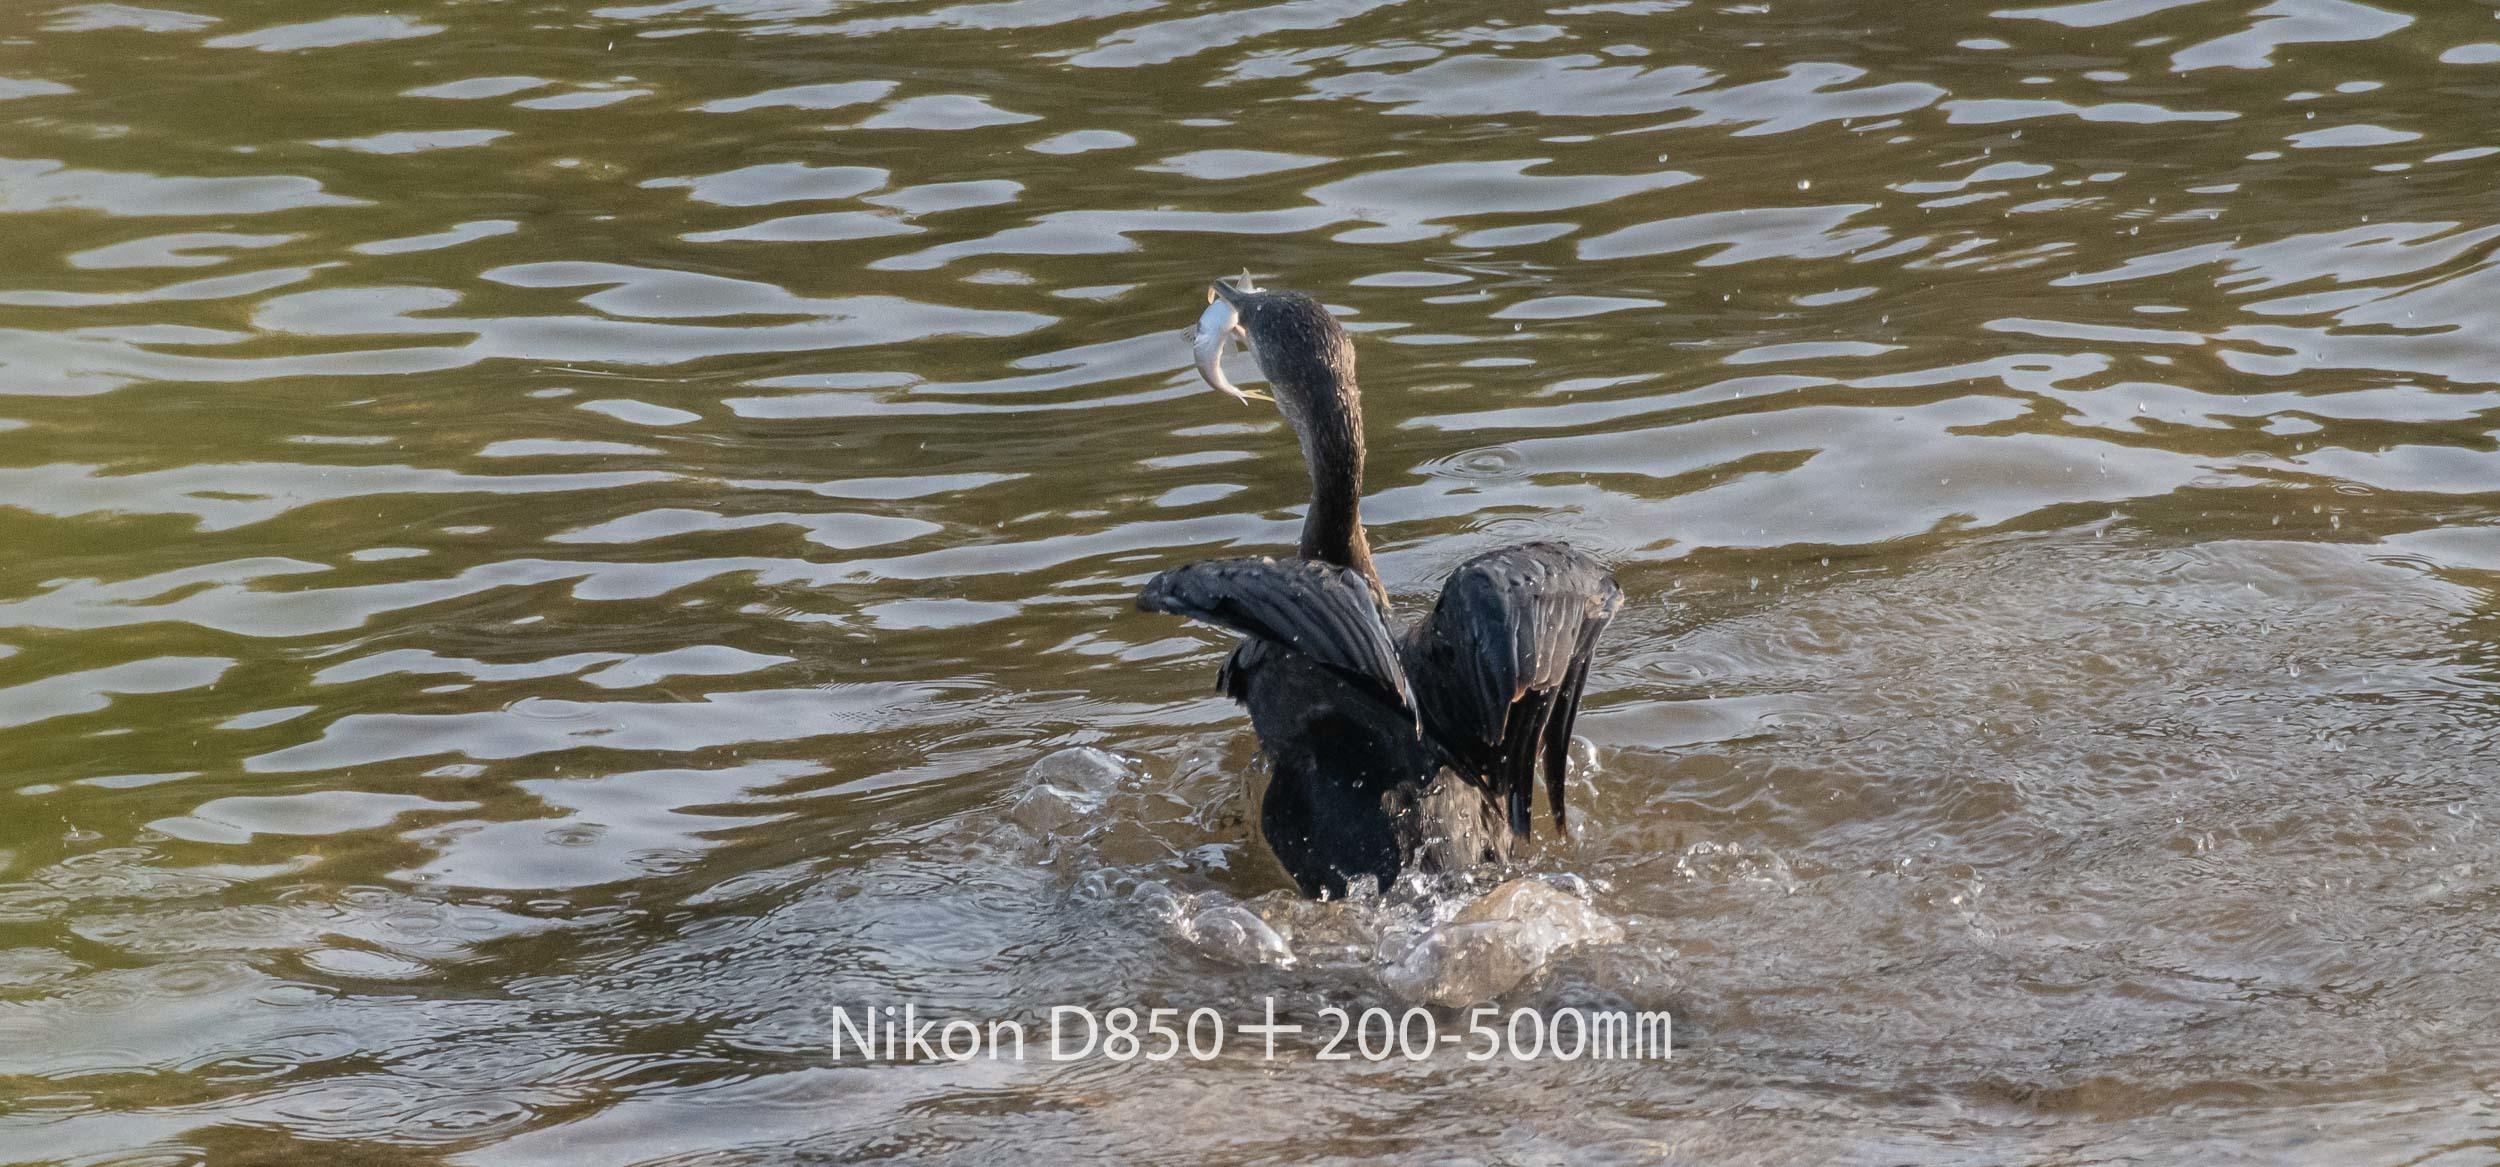 191007 カワウ-01 NIKON D850 ISO 1800 500 mm 3677 x 1716